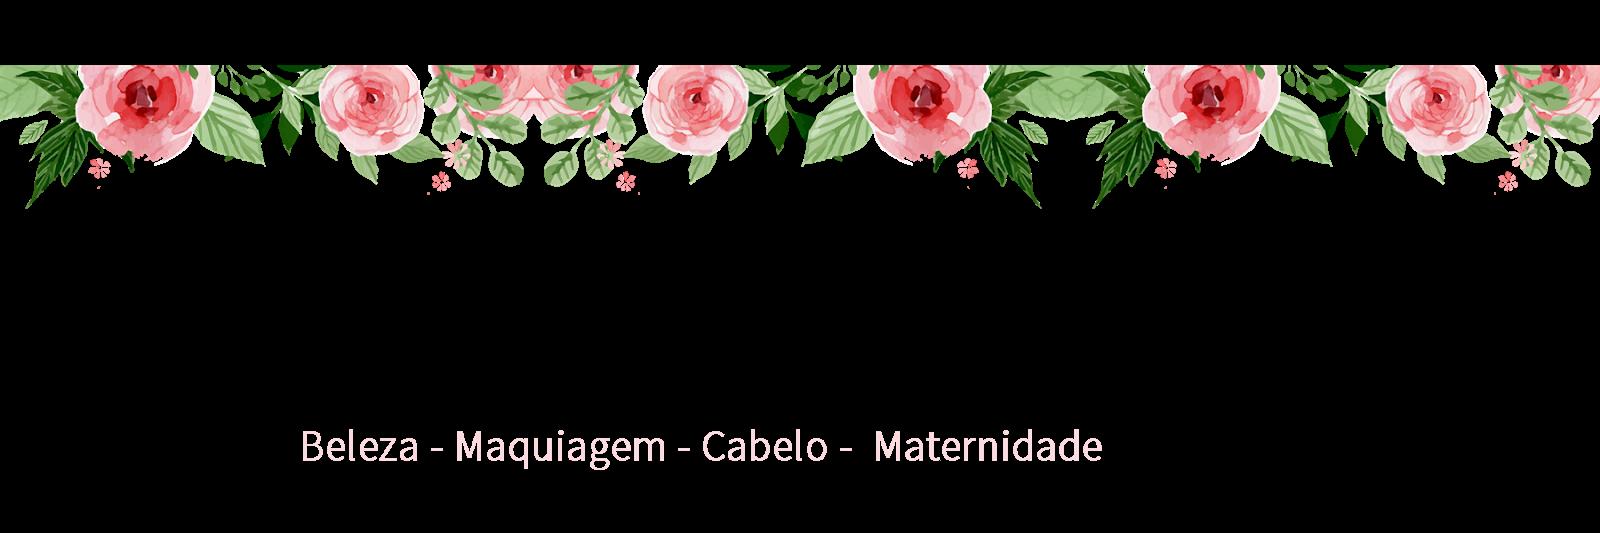 Mariana Cordeiro